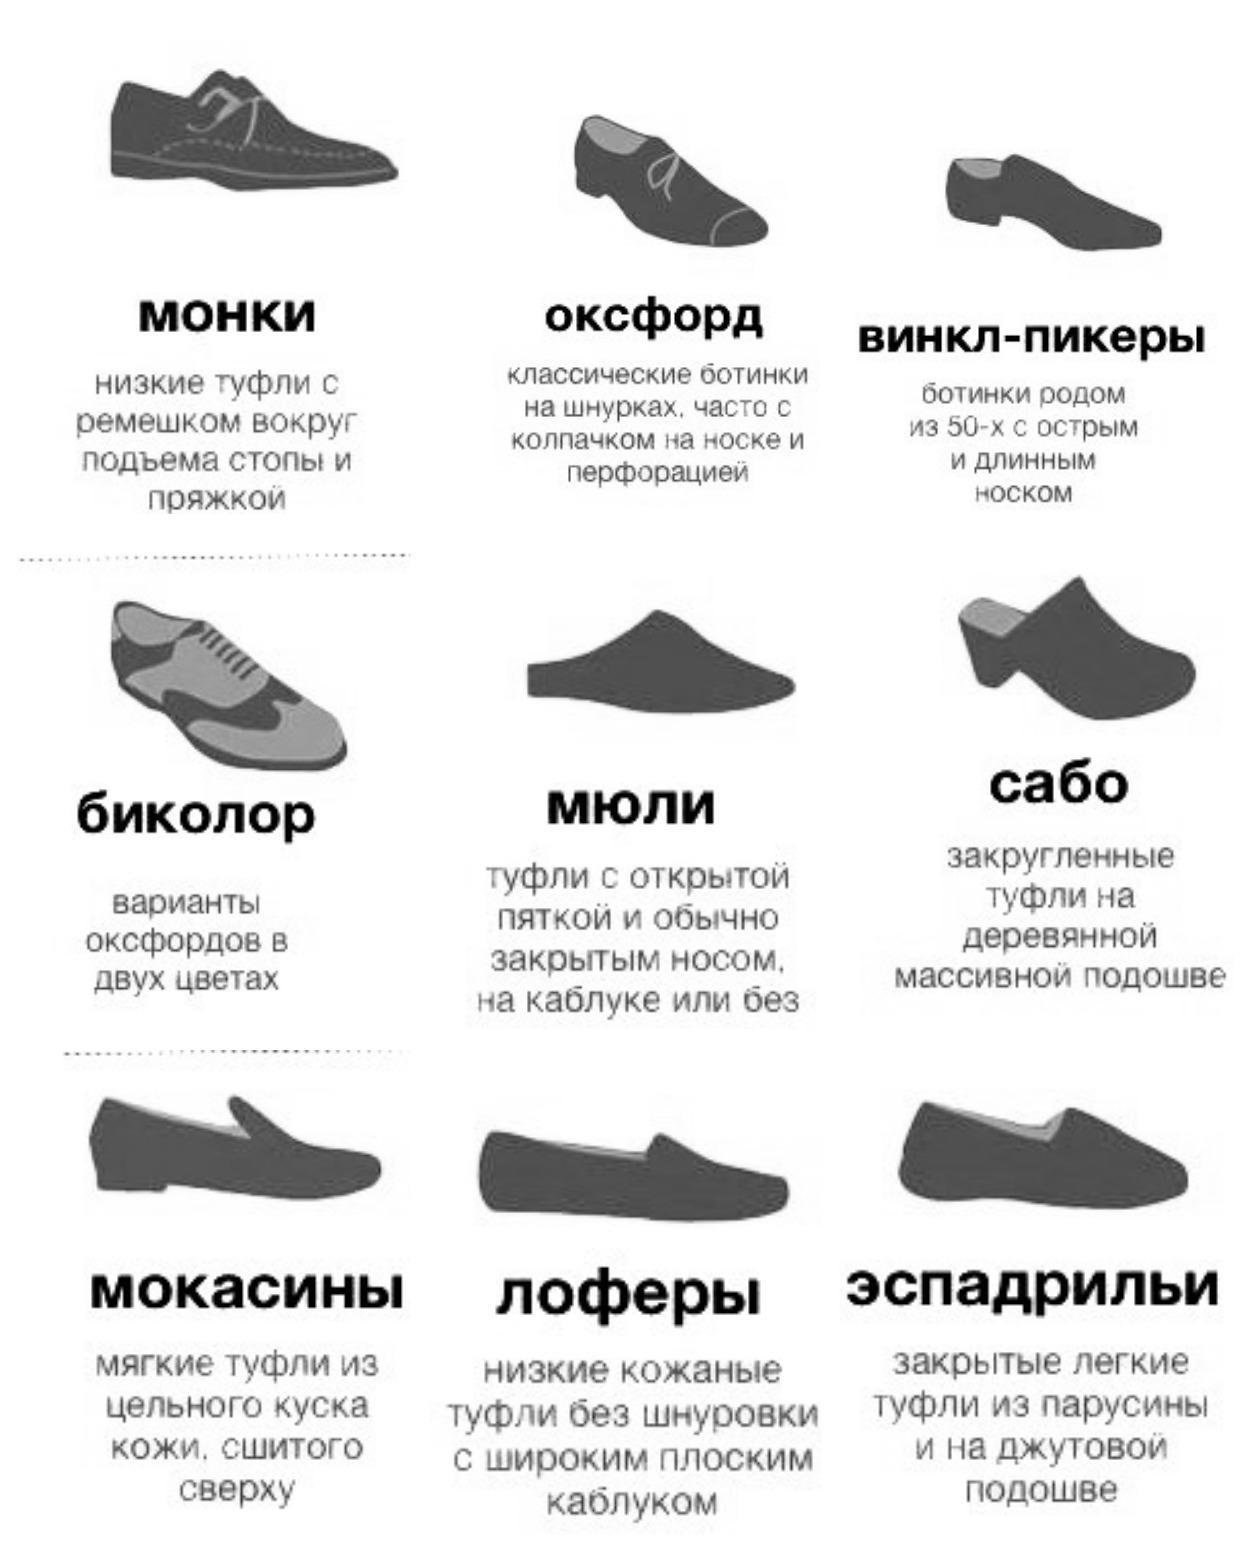 Виды туфель и низких ботинок для женщин